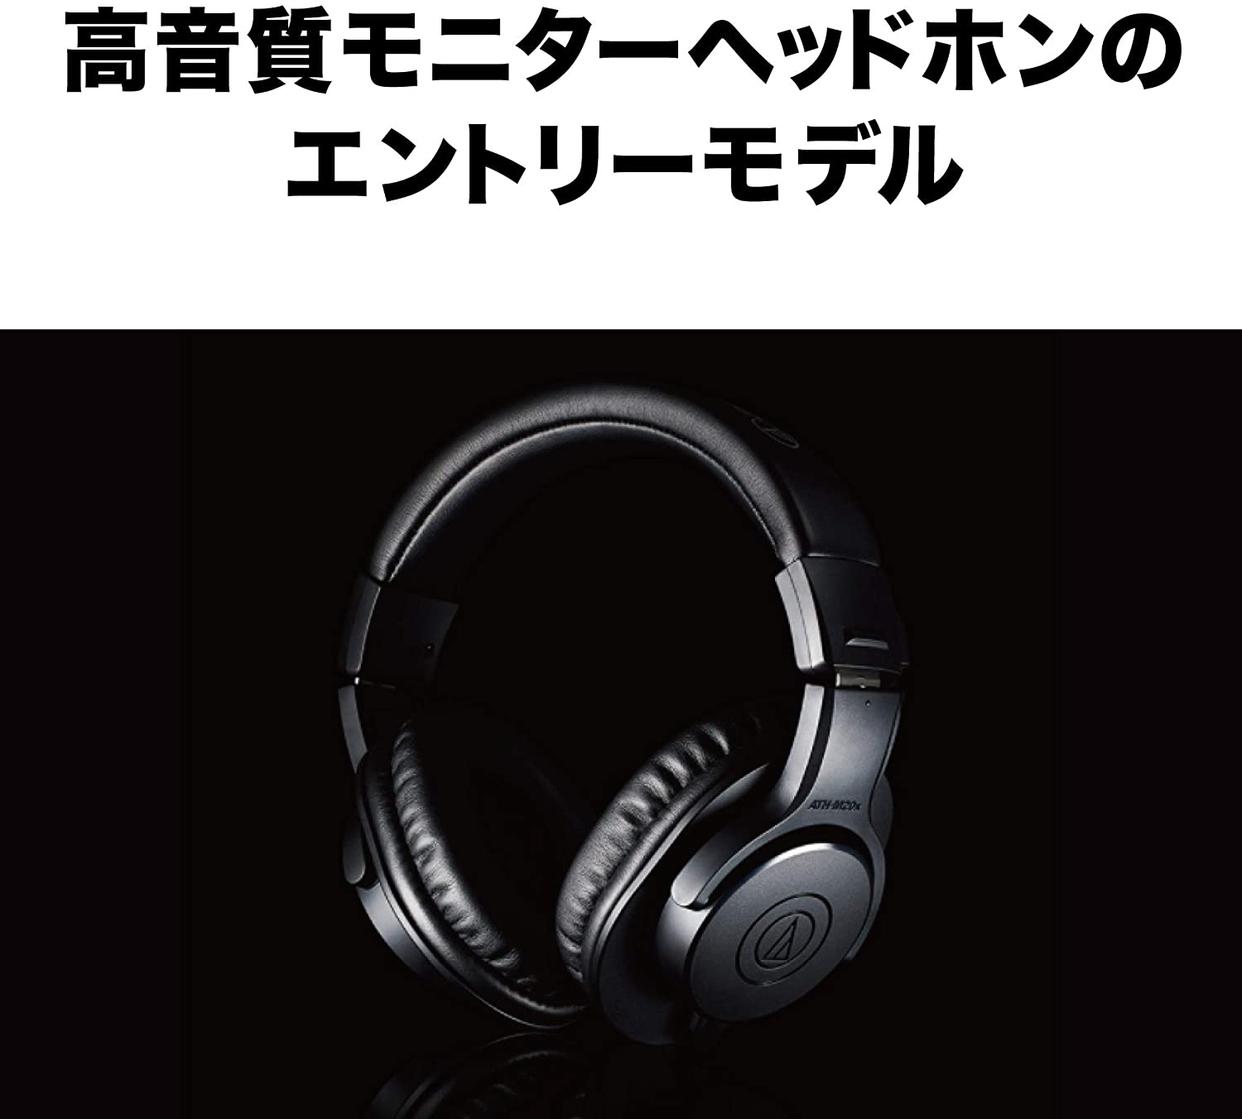 audio-technica(オーディオテクニカ) プロフェッショナルモニターヘッドホン  ATH-M20xの商品画像2